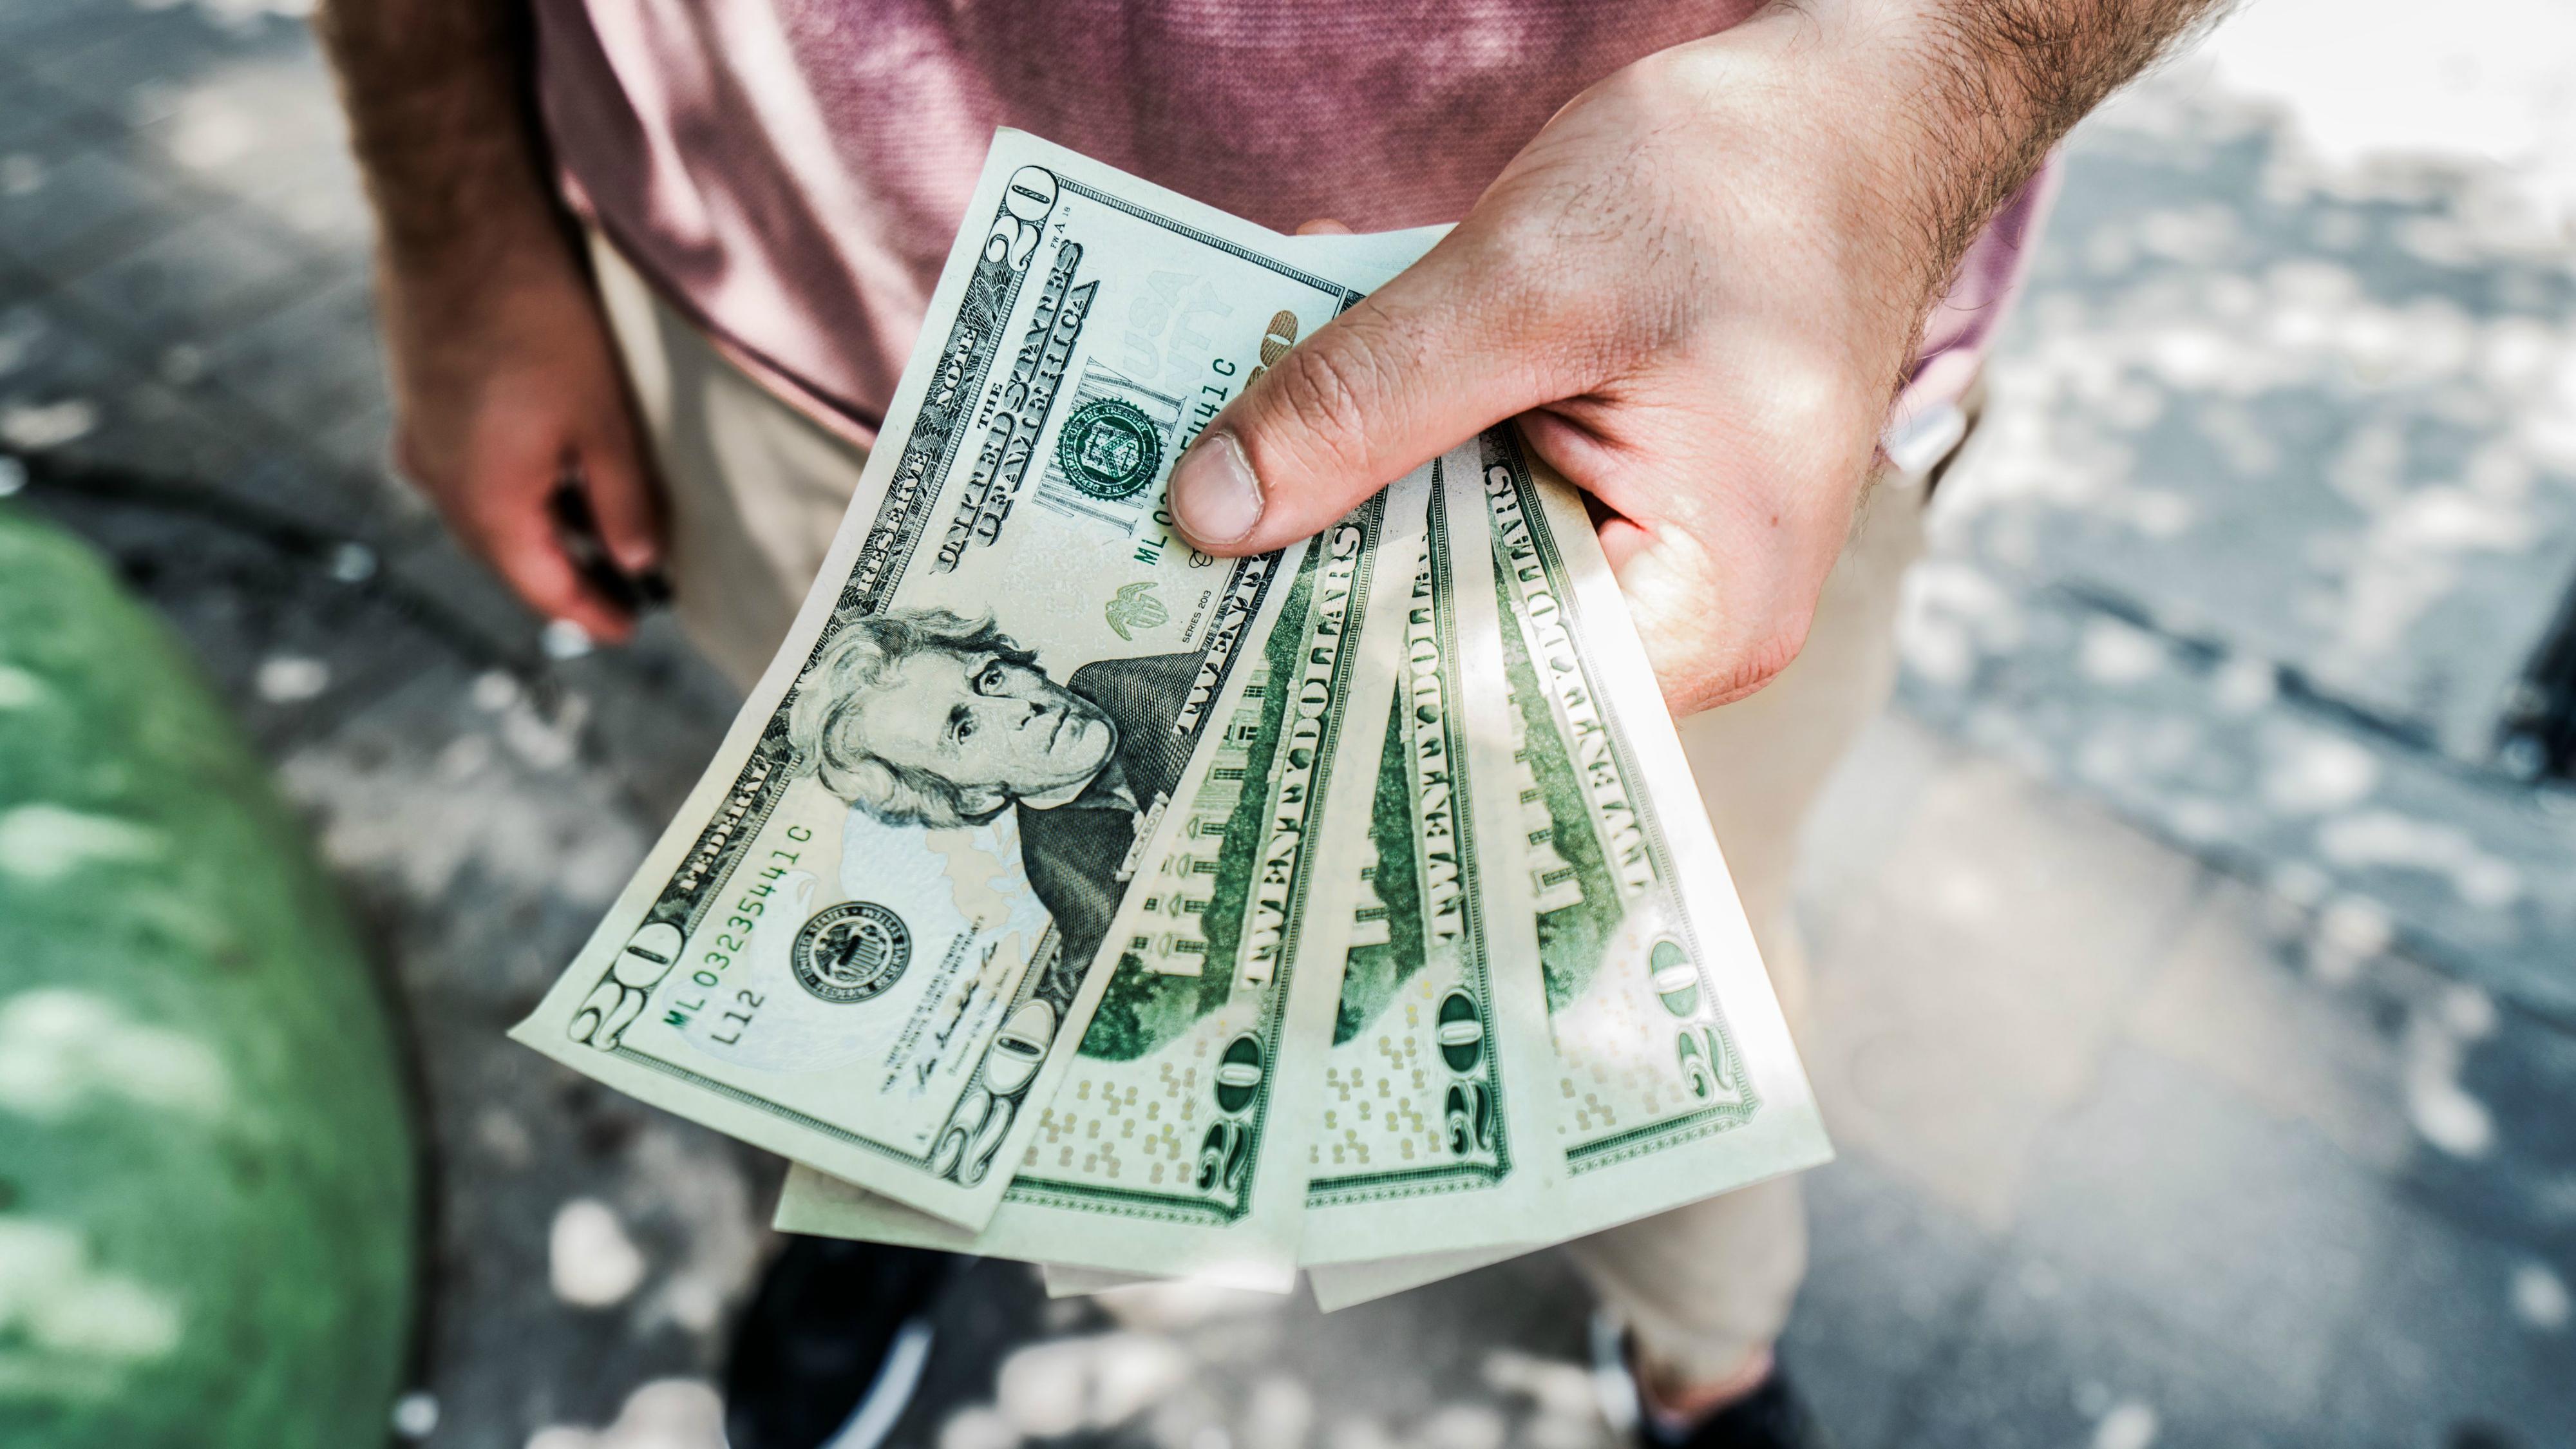 , kā padarīt likumīgu naudu tiešsaistē no mājām